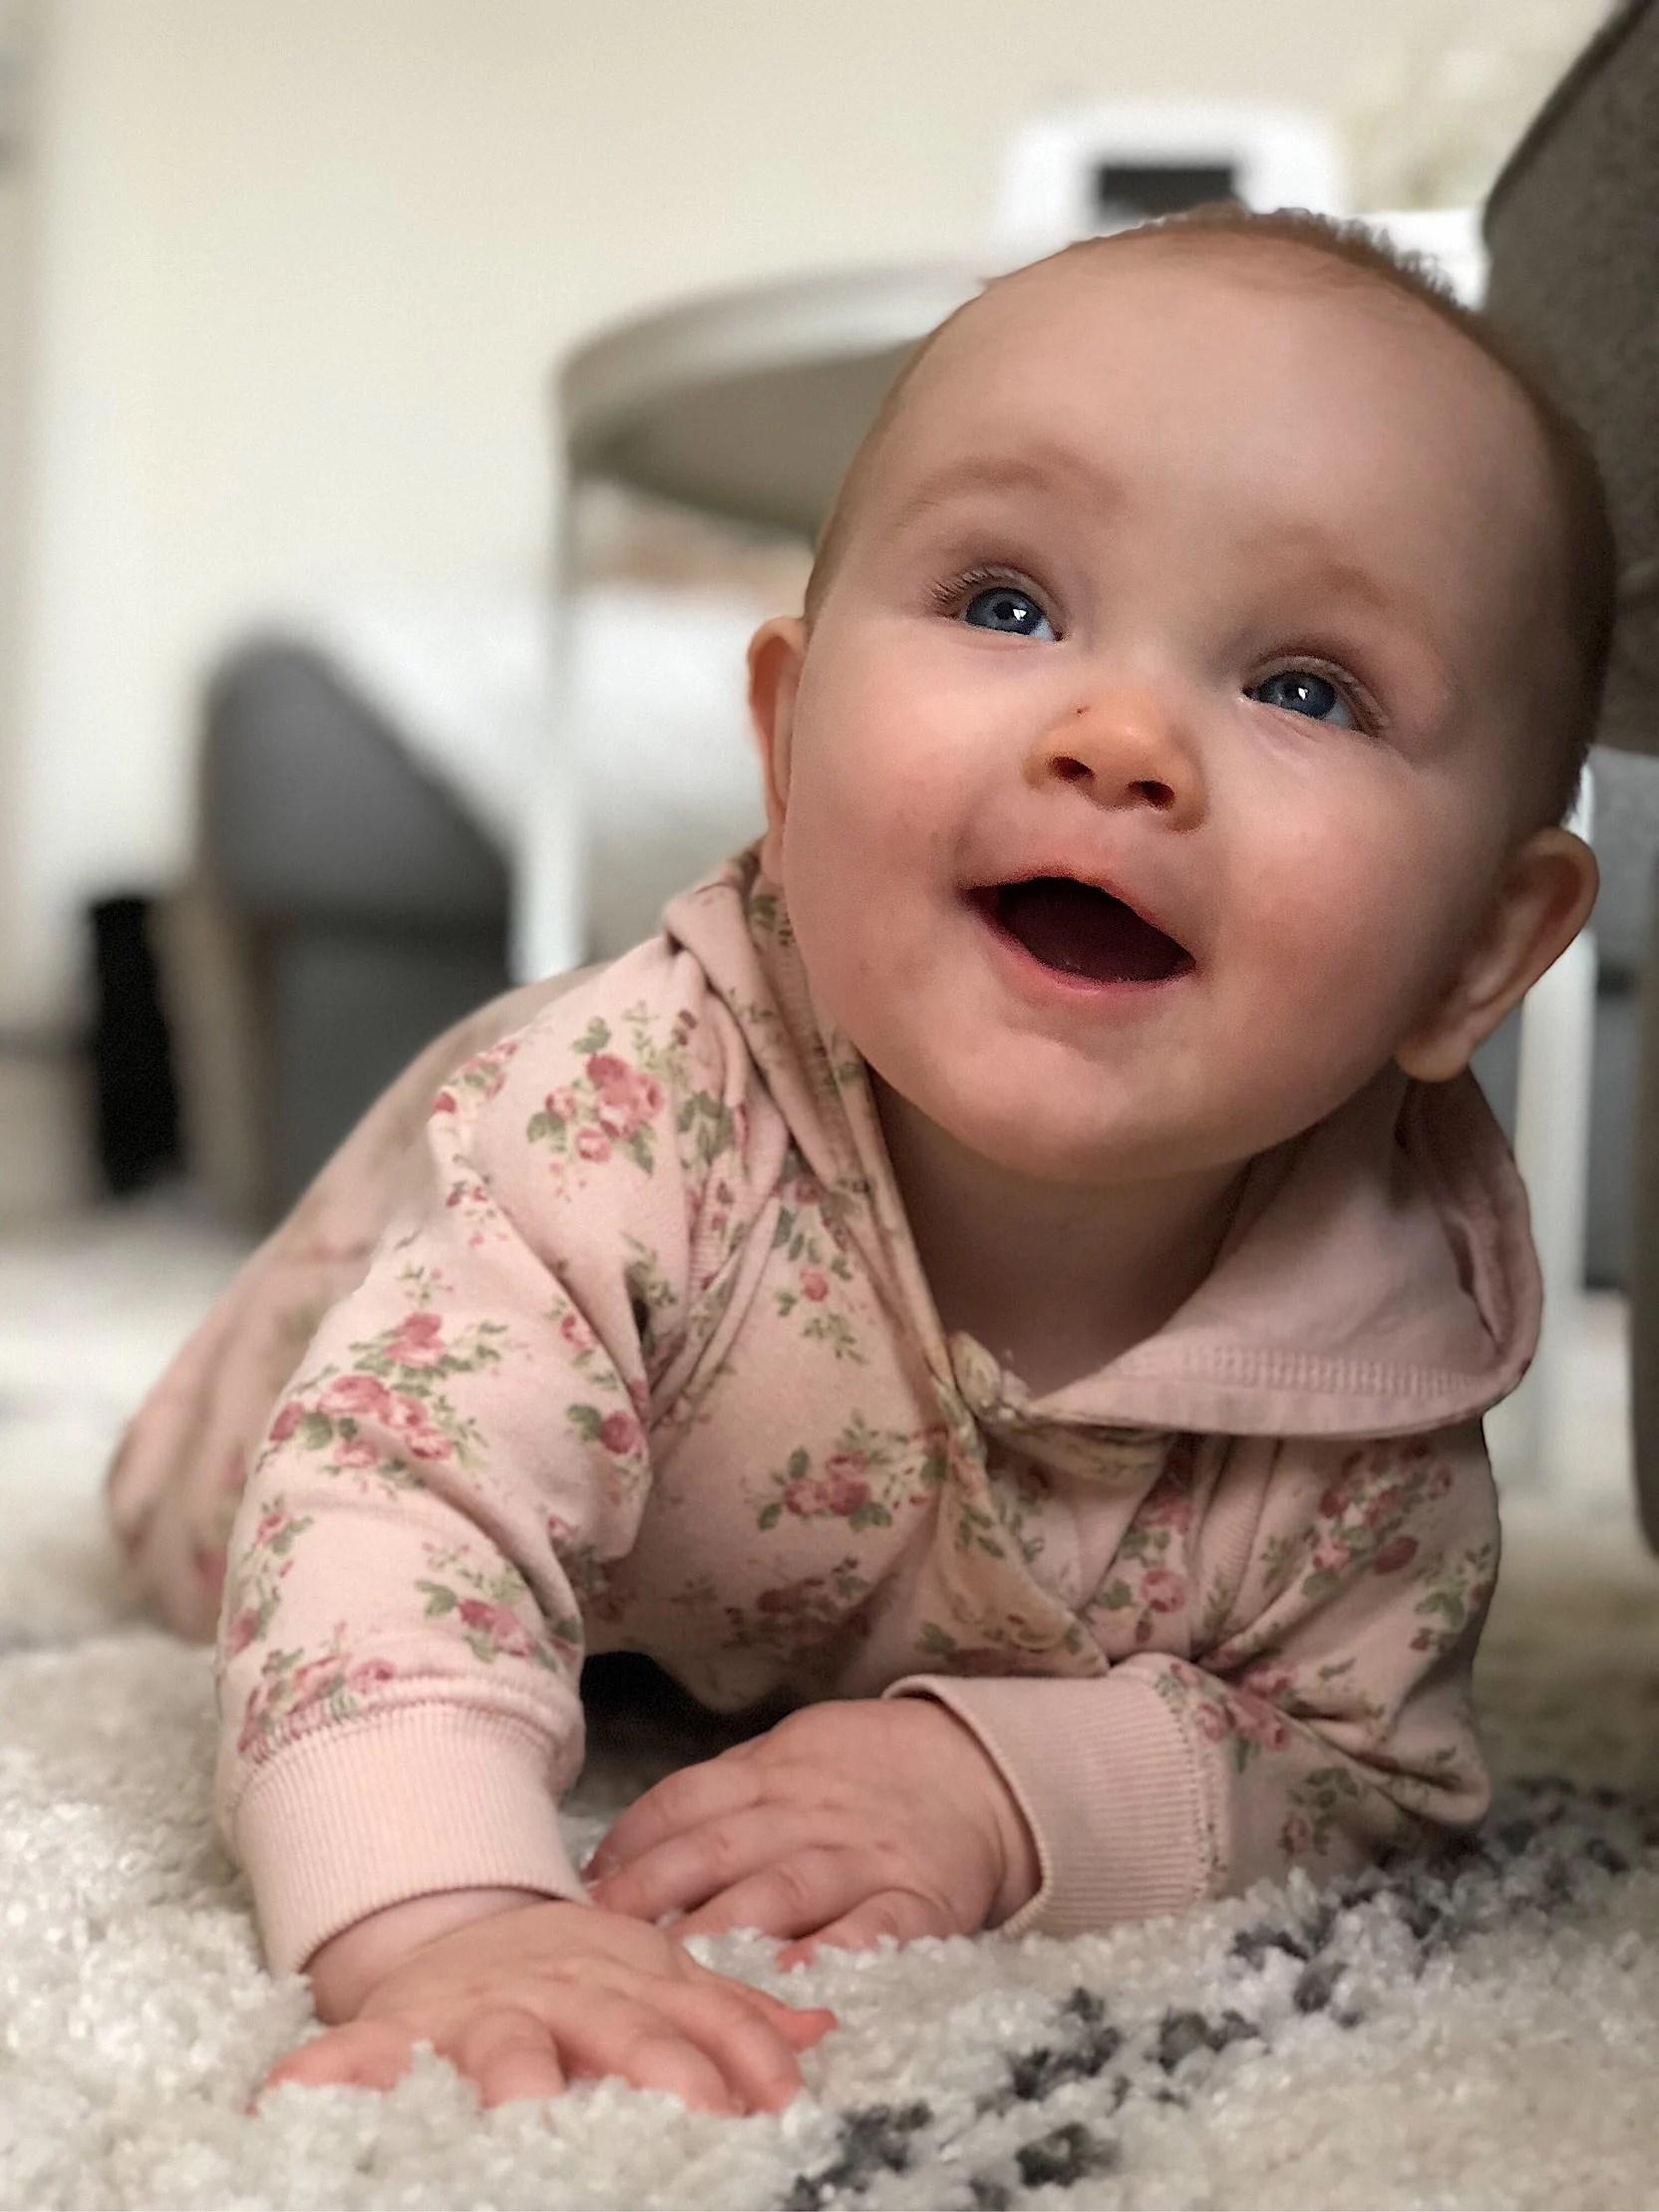 En liten söt knubbis